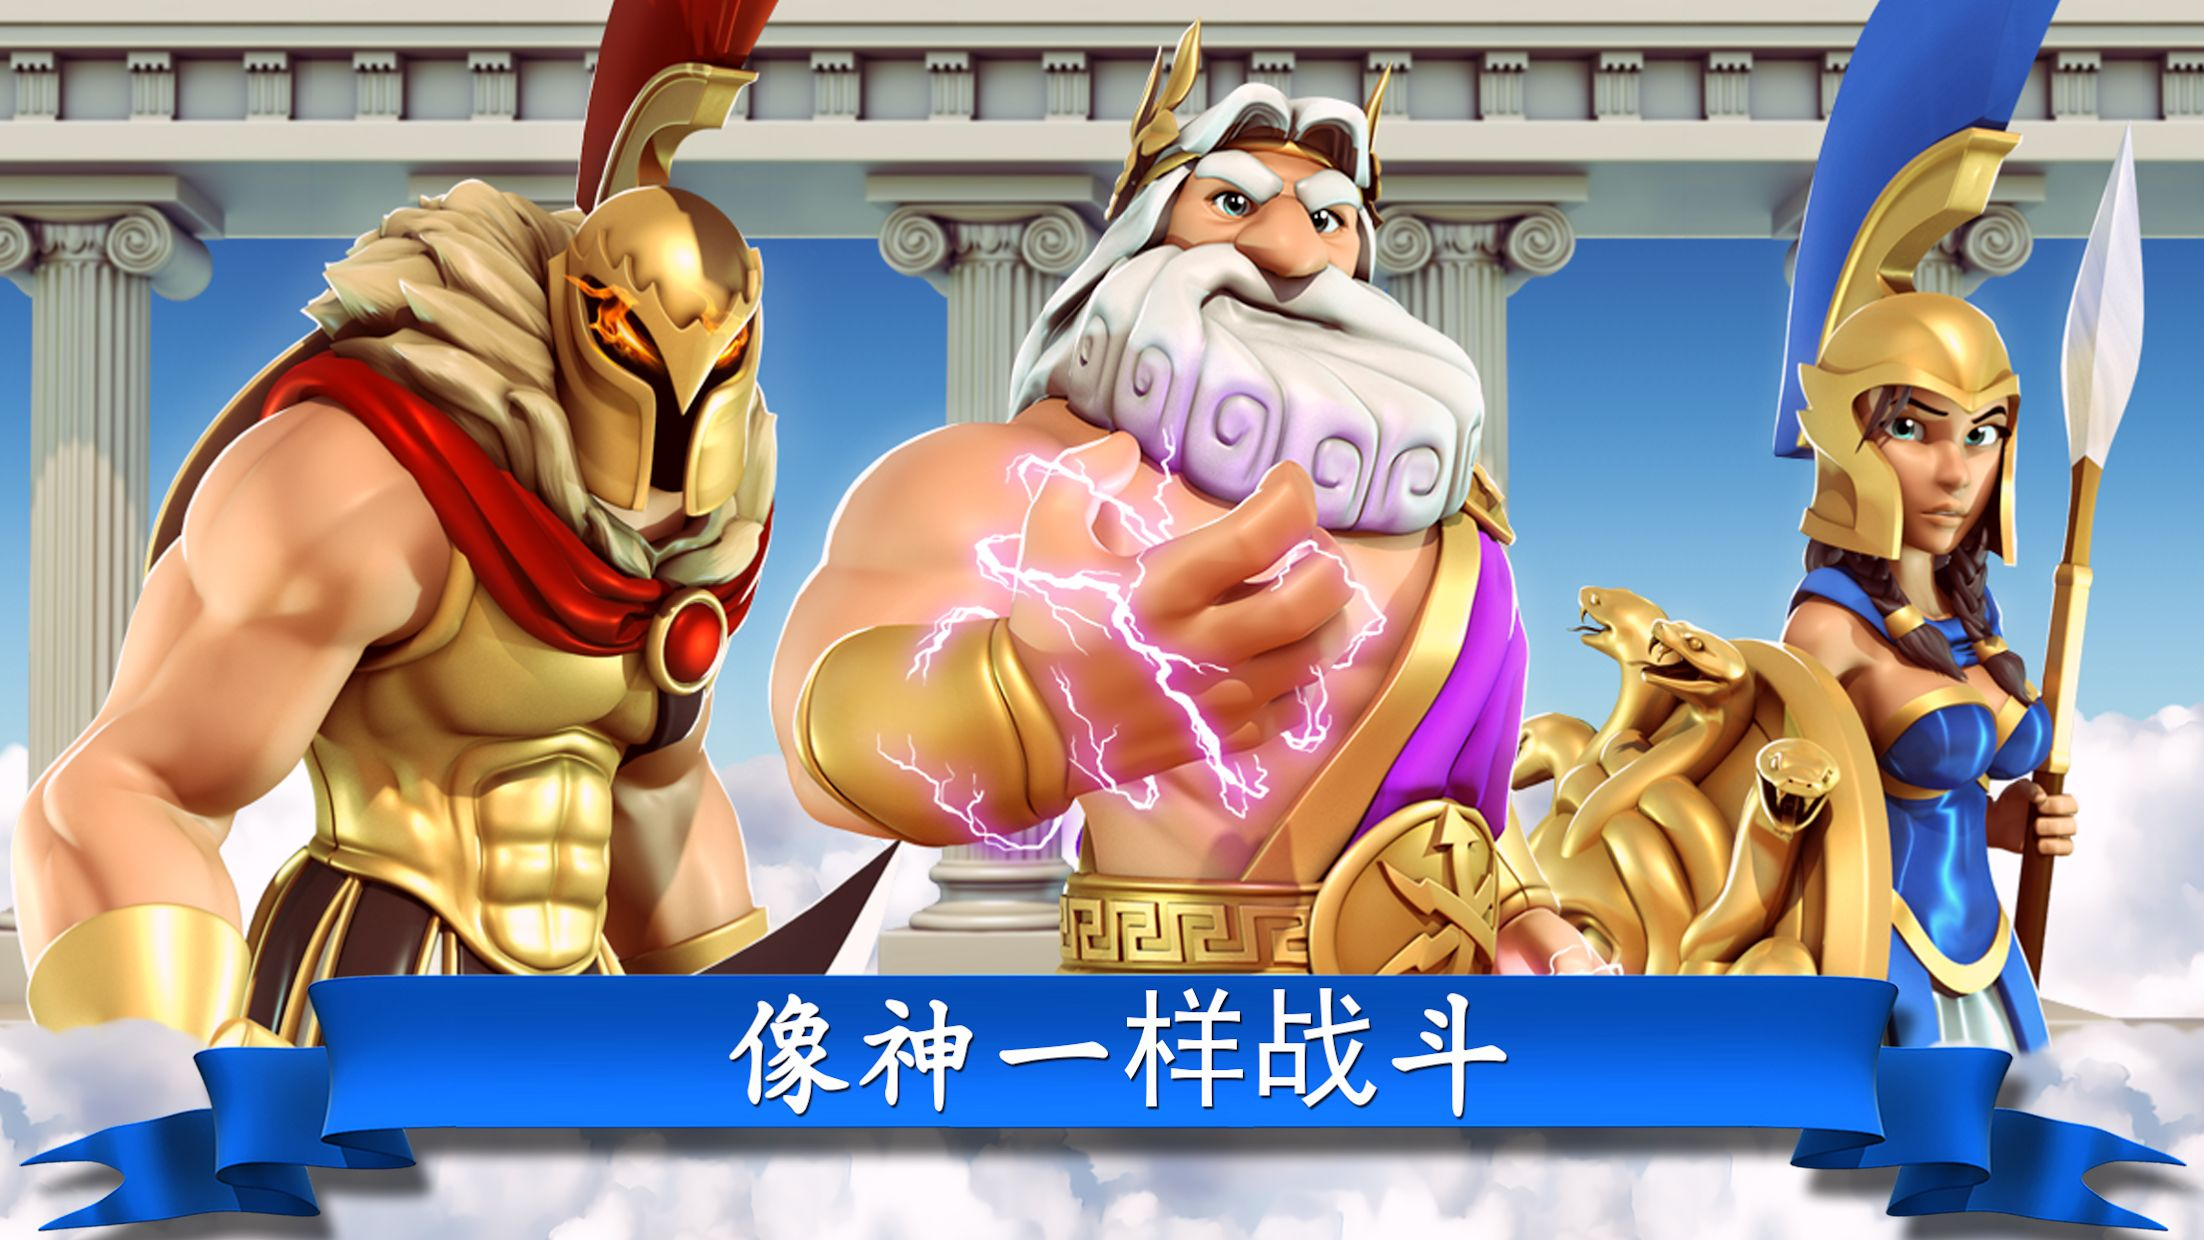 奥林匹斯众神 (Gods of Olympus) 游戏截图1